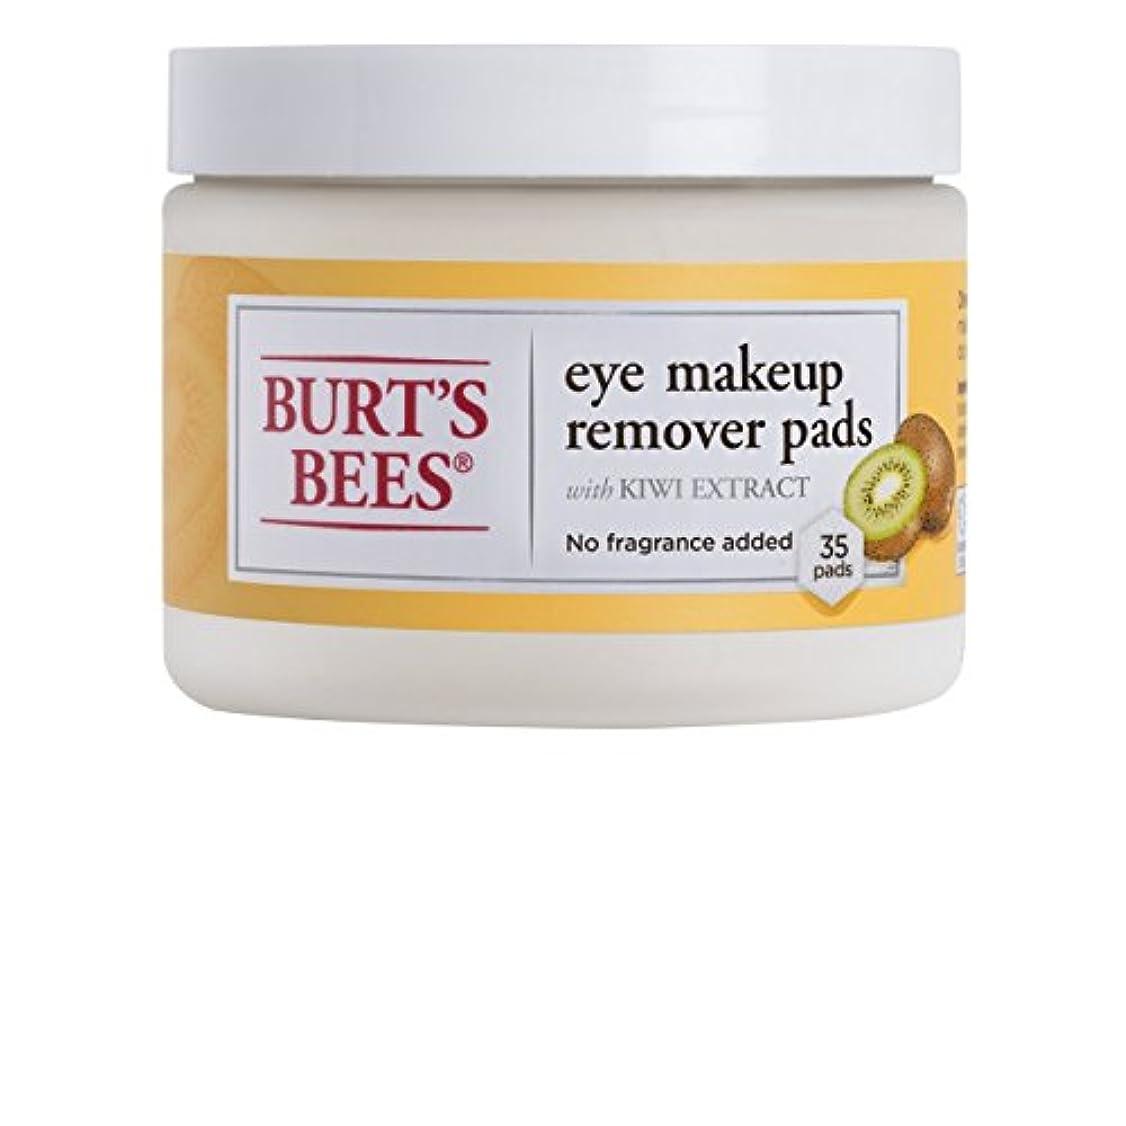 熟読すなわち栄光Burt's Bees アイメイクリムーバーパッド、35カウント